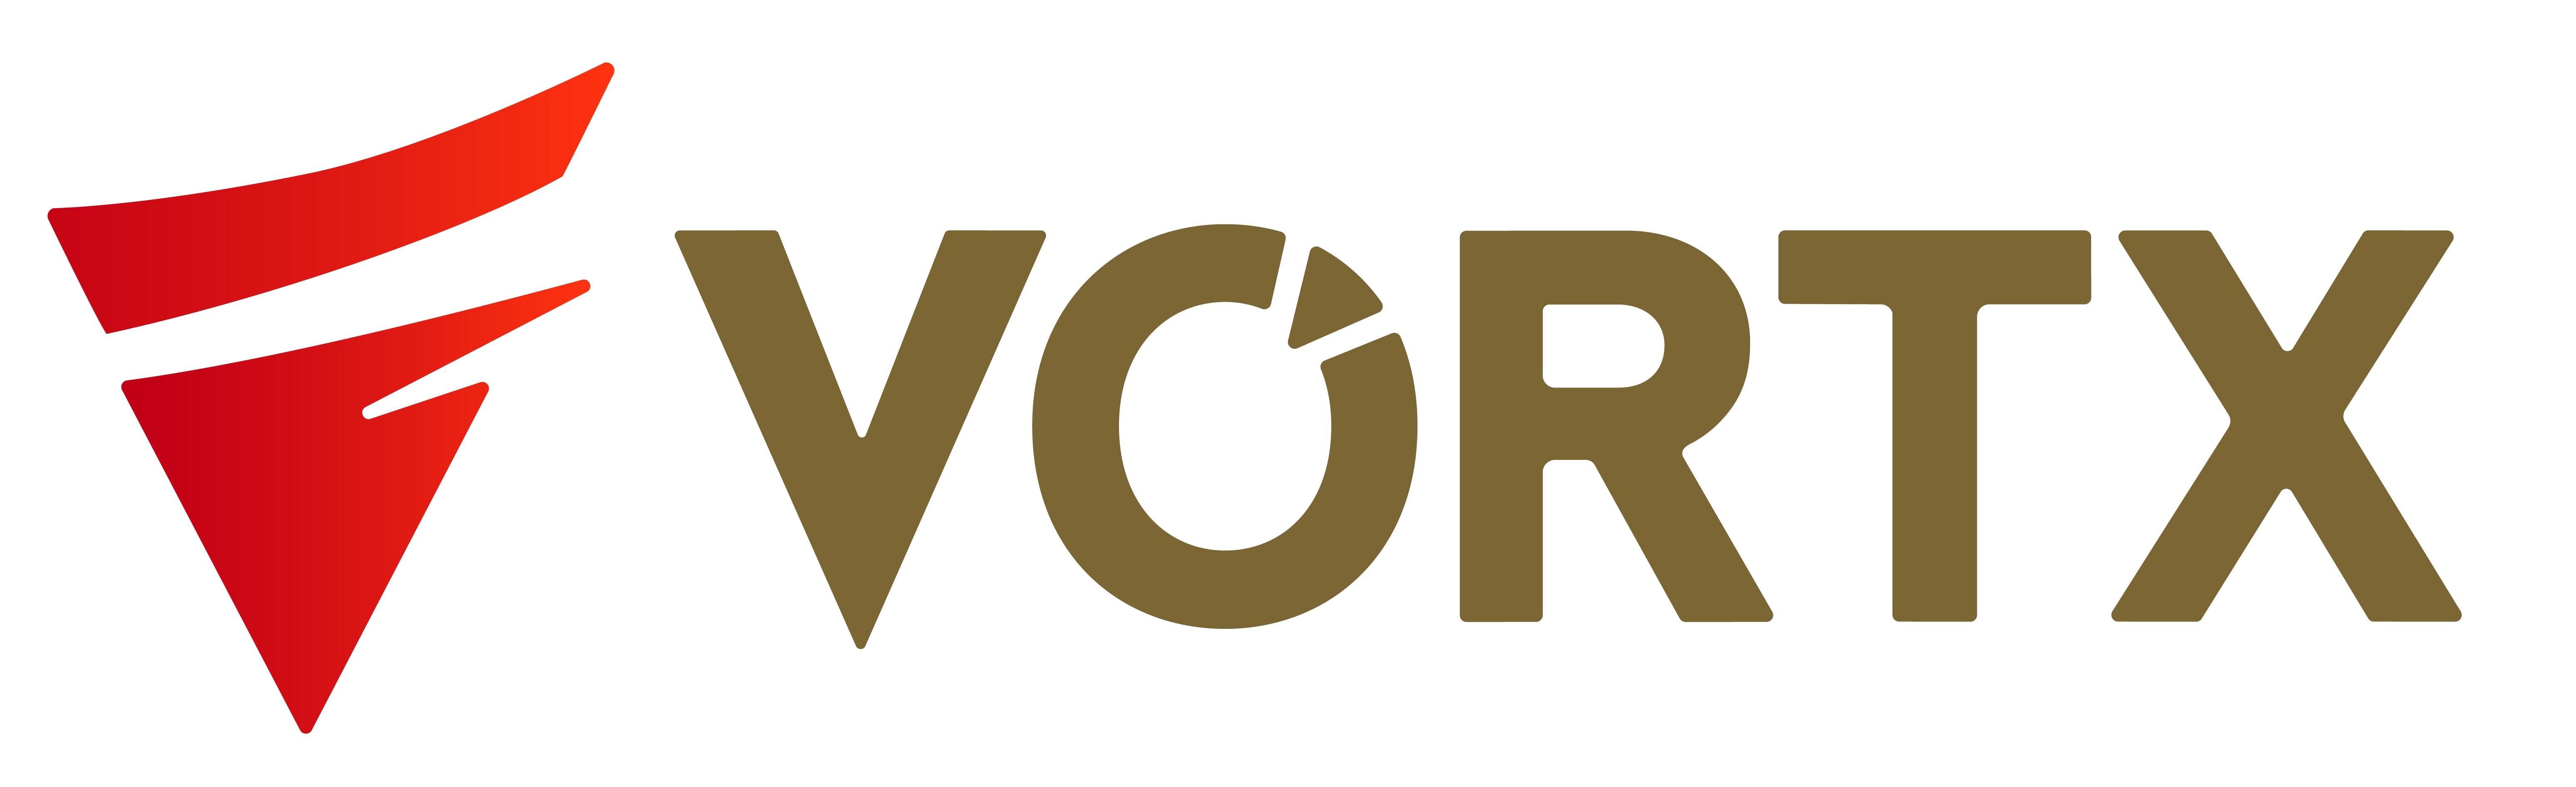 Vórtx